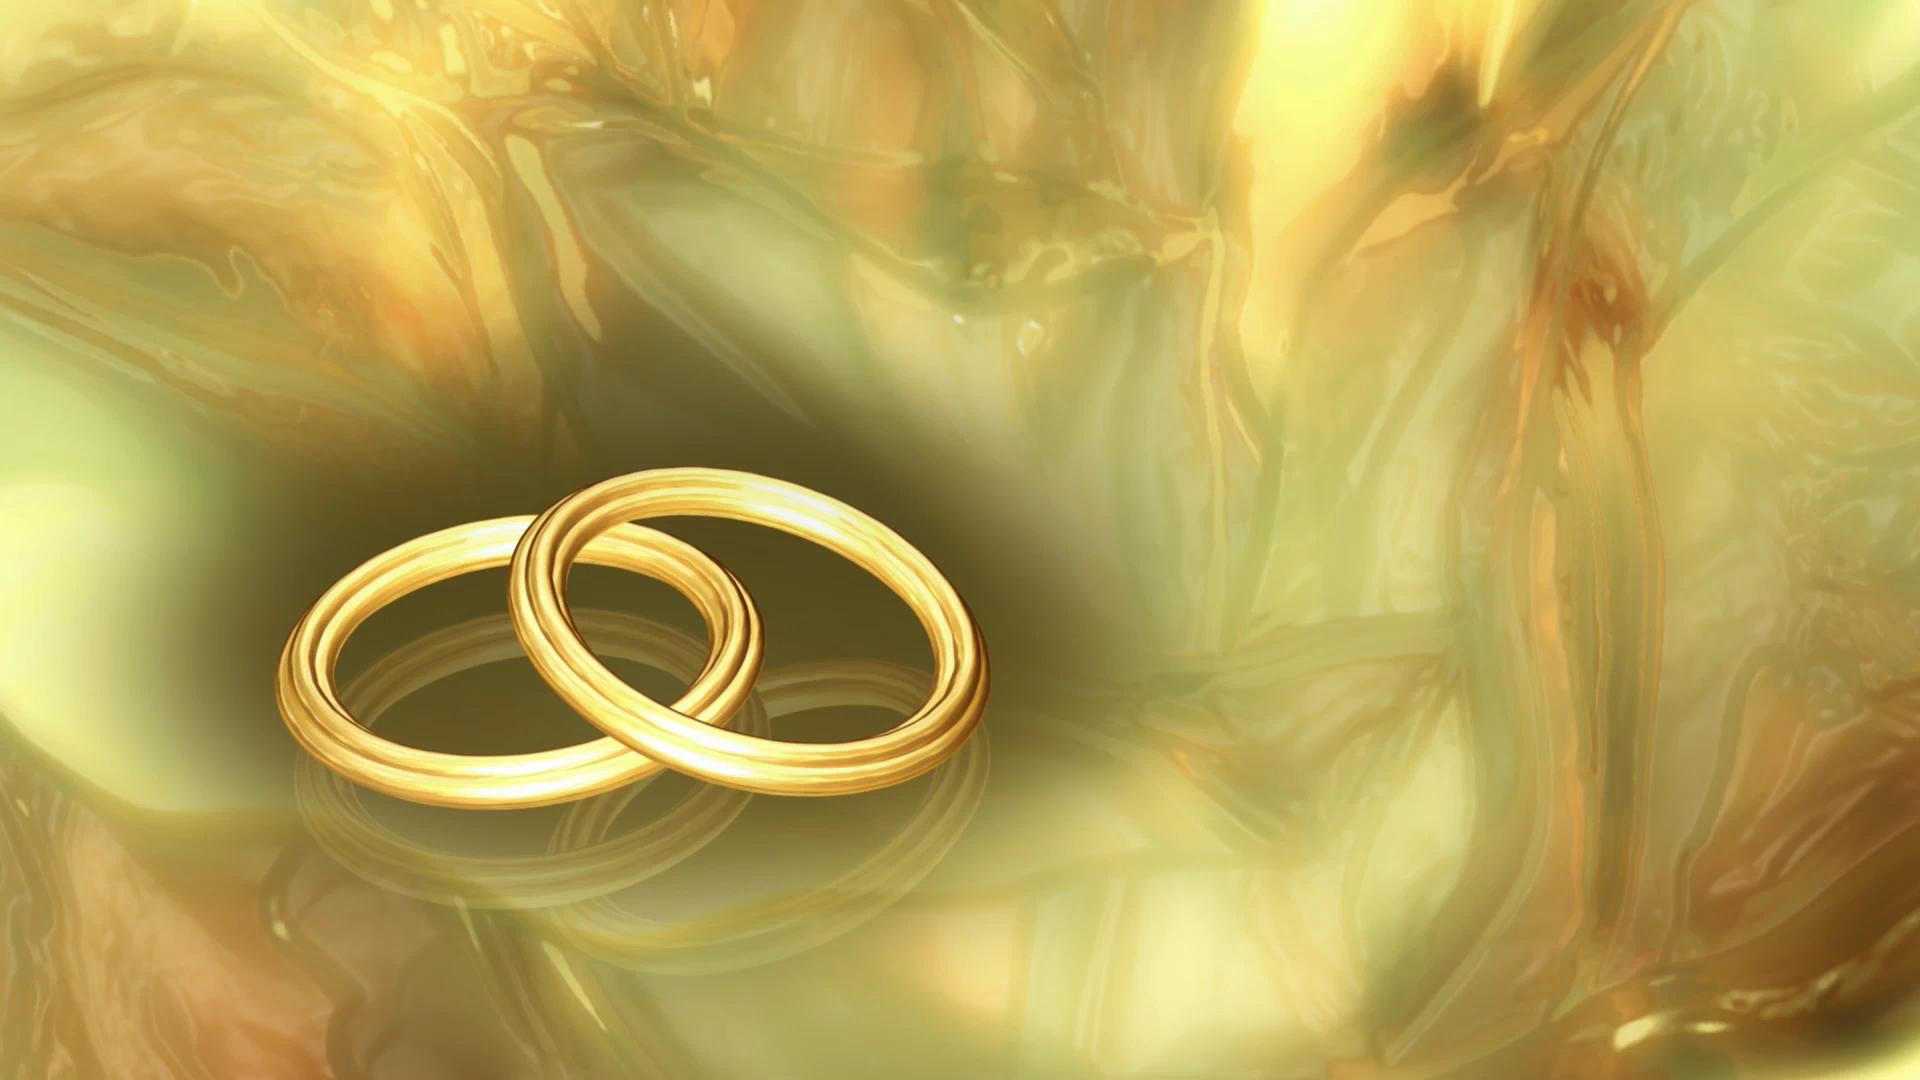 Анимация на золотую свадьбу